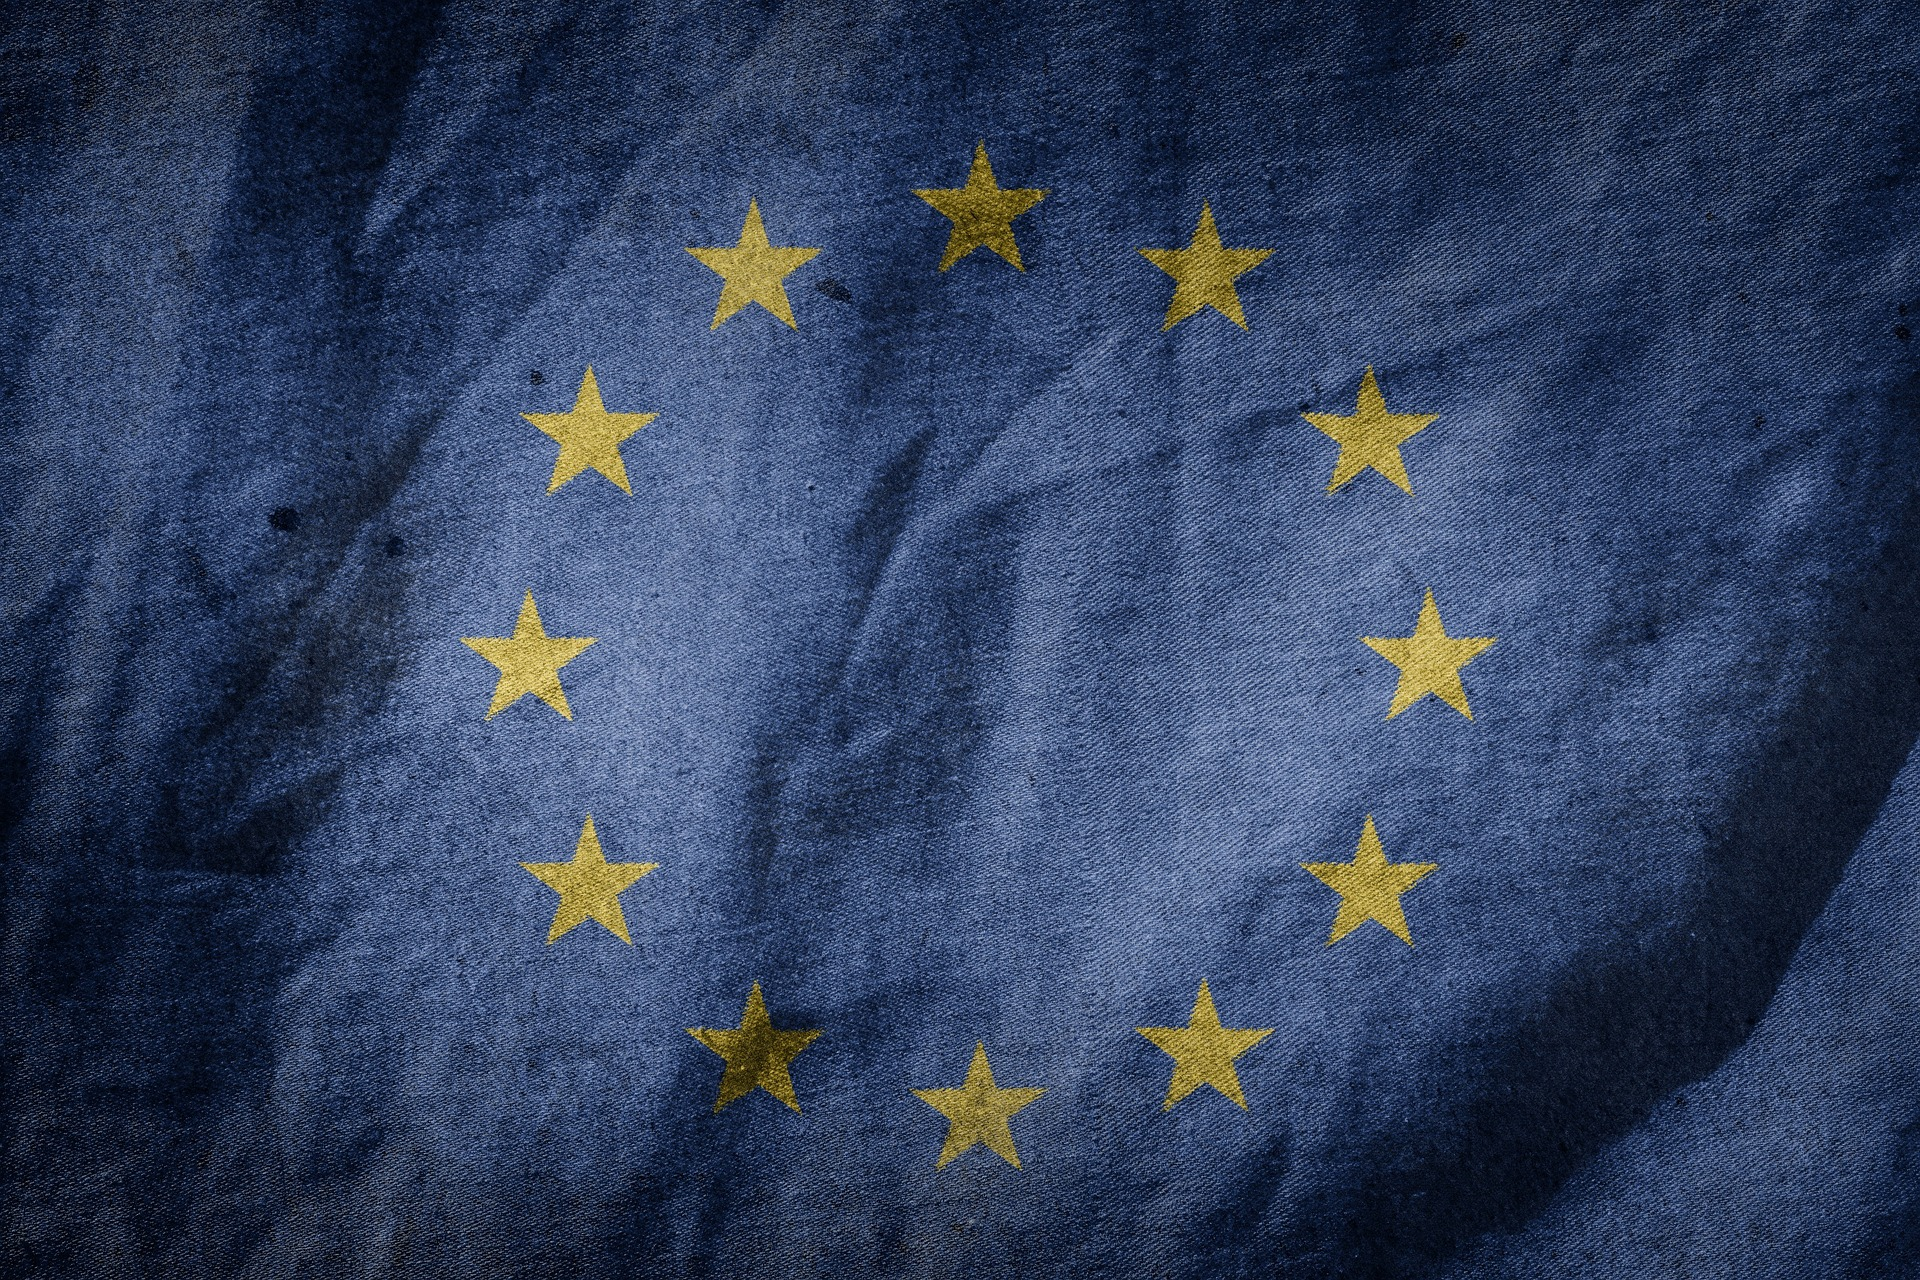 Le nuove proposte della Commissione Europea a favore del mercato unico digitale